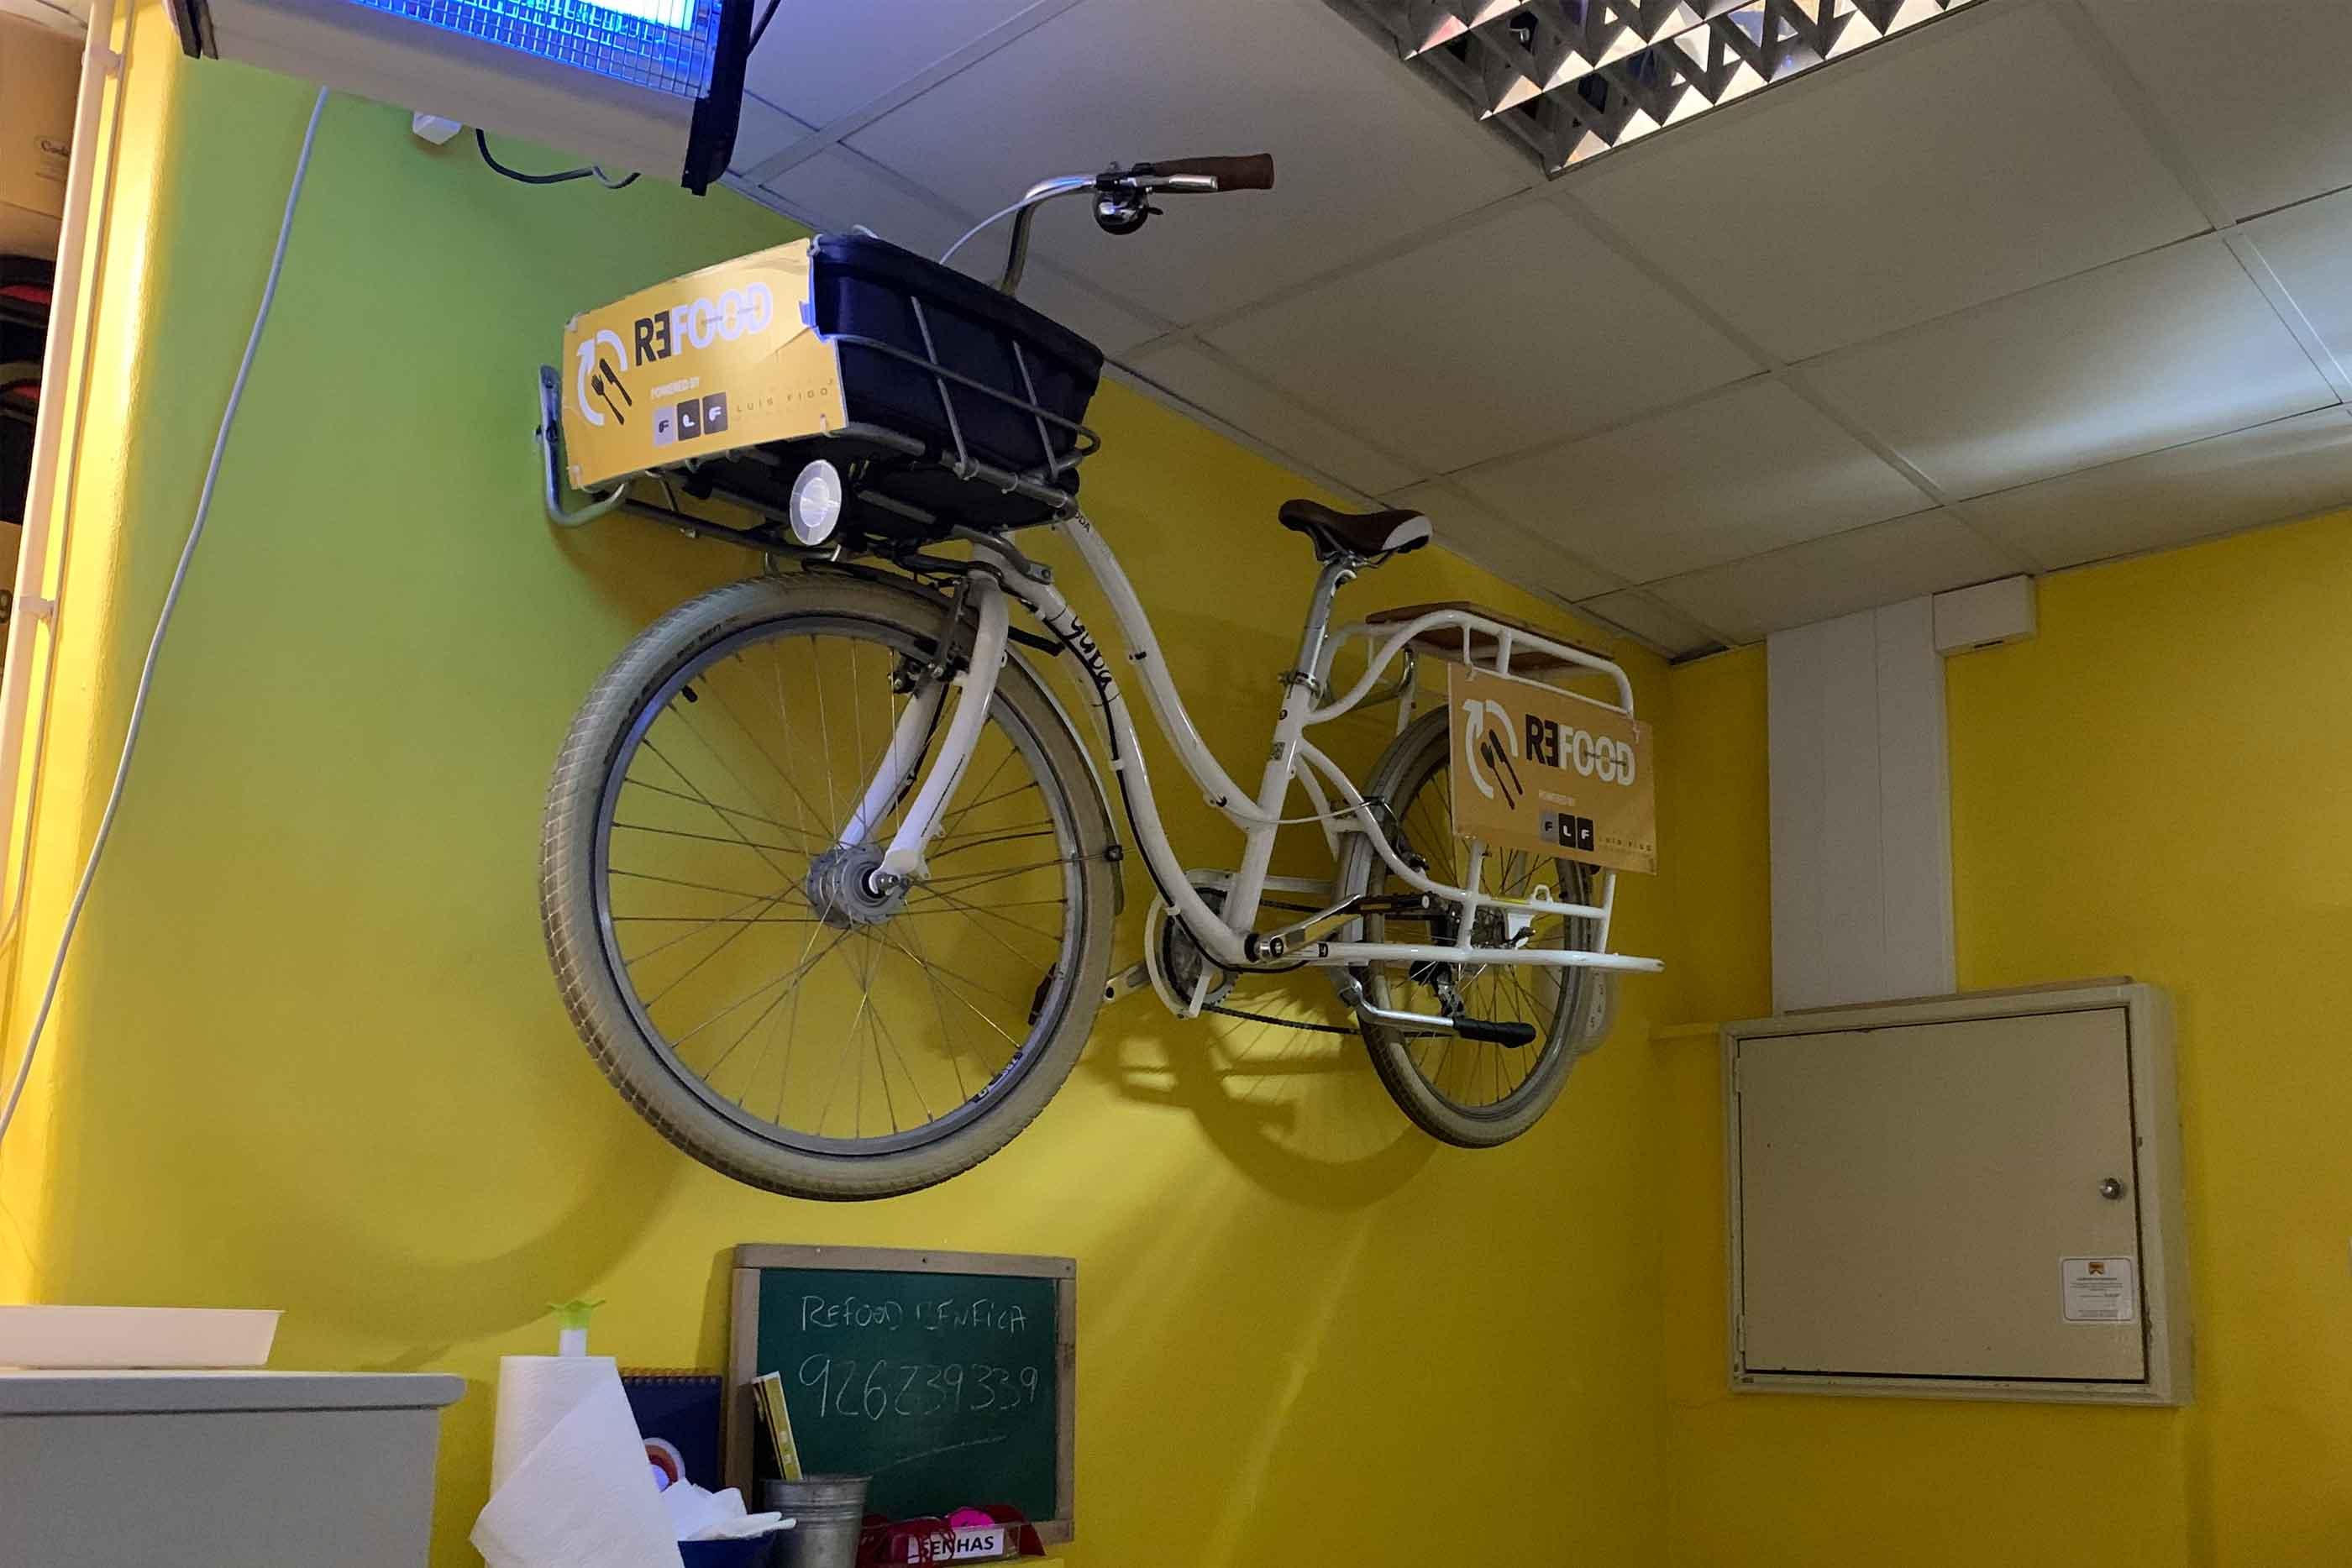 Bicicleta com cesto de distribuição da Refood pendurada na parede amarela e um quadro com o número de telefone da empresa.